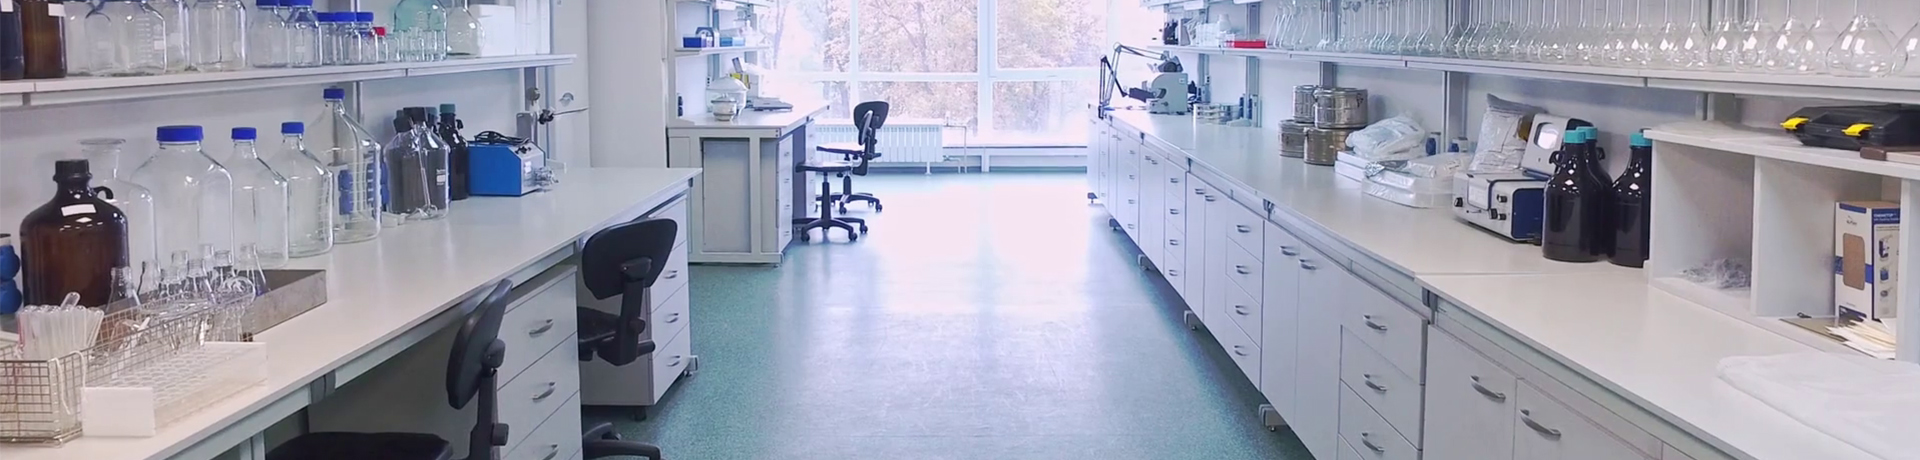 沪前自行研发生产的实验台